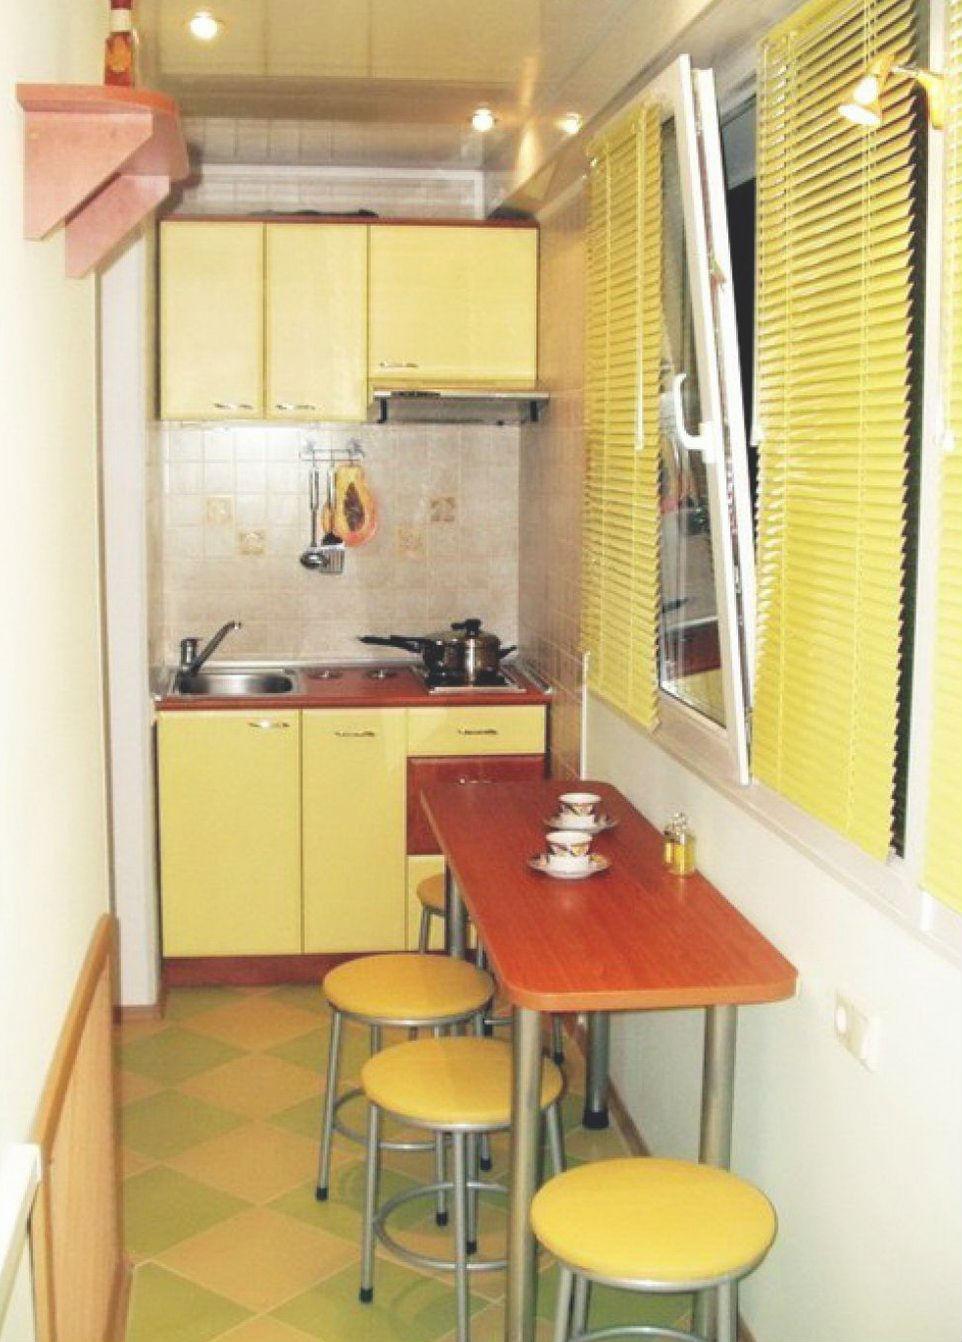 Ремонт кухни своими руками поэтапно: с чего начать отделку квартиры? 79